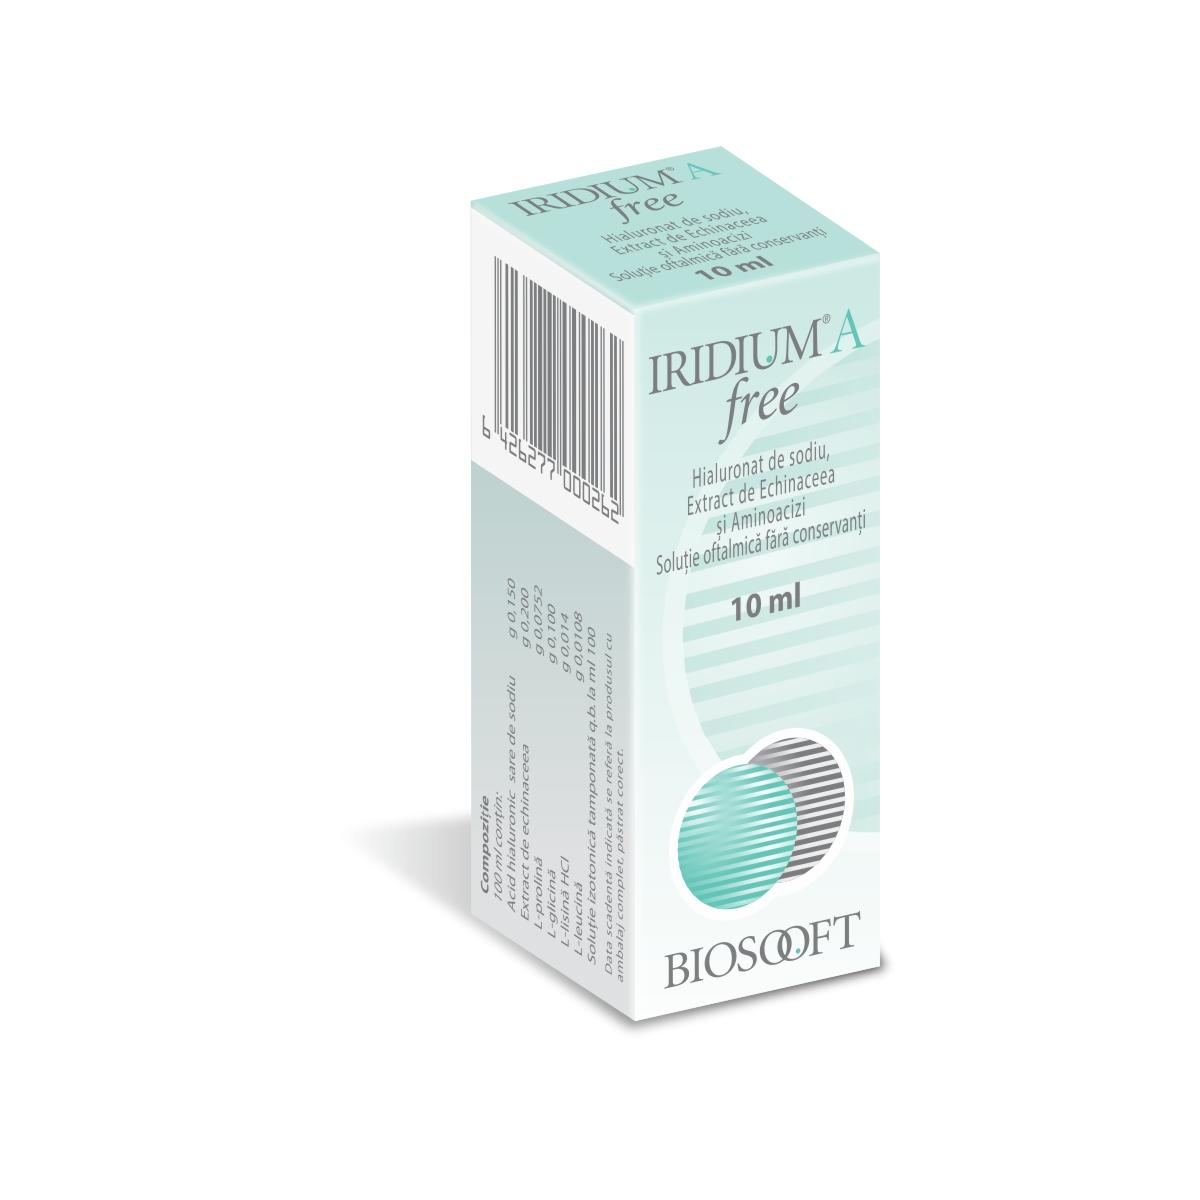 Iridium A Free soluție oftalmică, 10 ml, BioSooft Italia